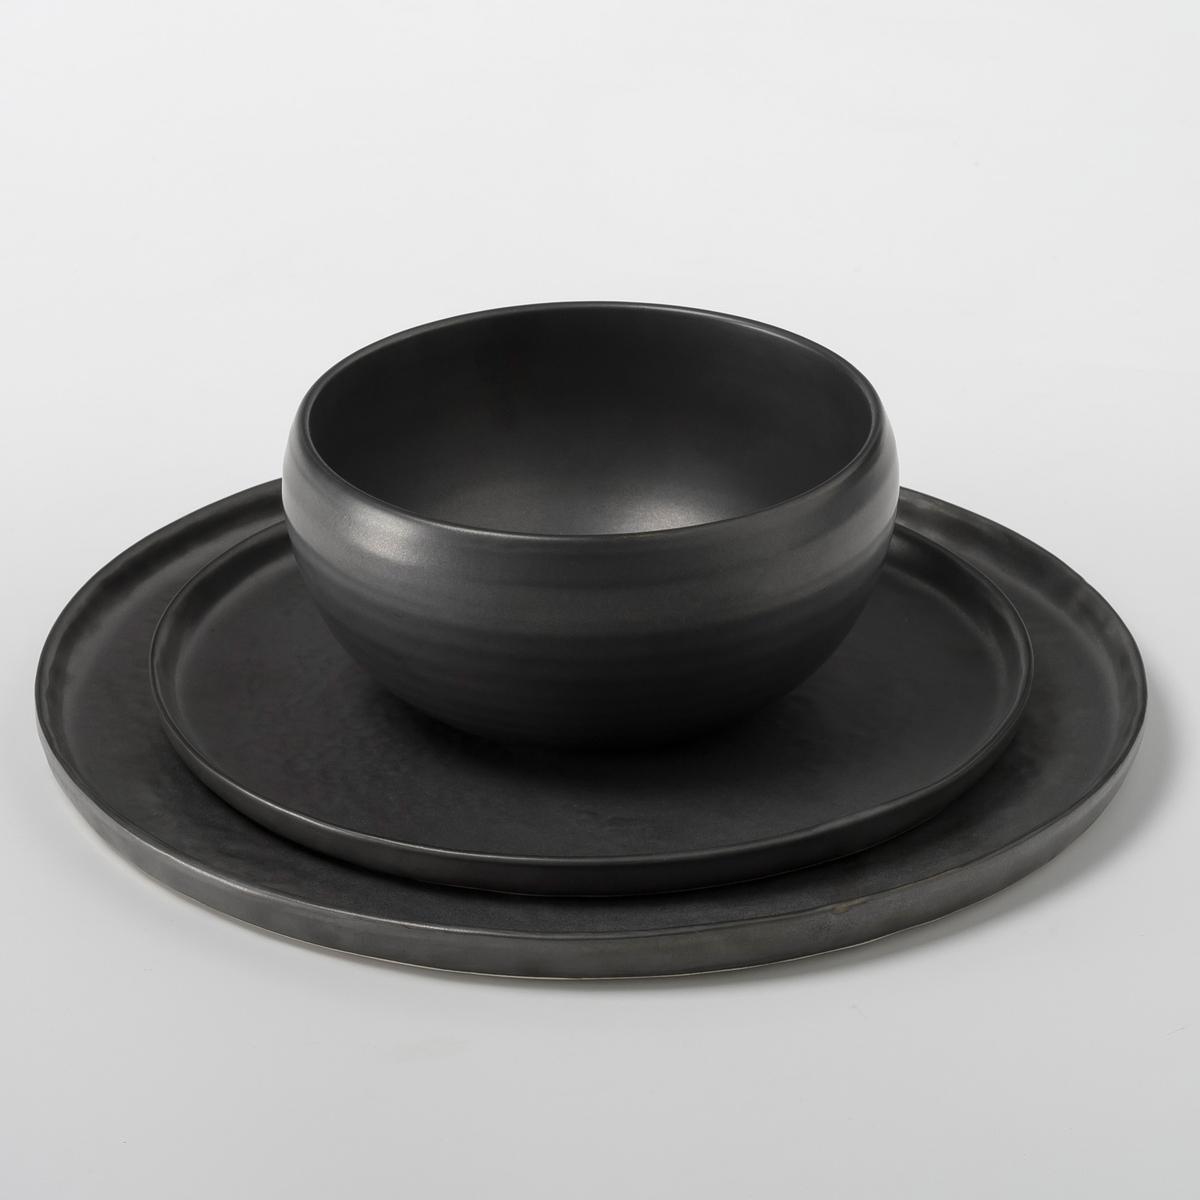 Тарелка плоская из керамики Pure design P .Нессенса, SeraxТарелка плоская Pure. Приготовление восхитительных блюд в красивой керамической посуде придает романтизма и способствует хорошему настроению . Паскаль Нессенс создал Pure, свою первую коллекцию столовых сервизов. Чистое воплощение аутентичности и теплоты, рожденные из органических форм и натуральных материалов.Характеристики: - Из матовой керамики с эффектом чеканки .- Можно использовать в посудомоечных машинах и микроволновых печах.- Десертная тарелка и чашка из комплекта продаются на нашем сайте .Размеры  :- ?27 x Выс1,6 см .<br><br>Цвет: черный<br>Размер: единый размер